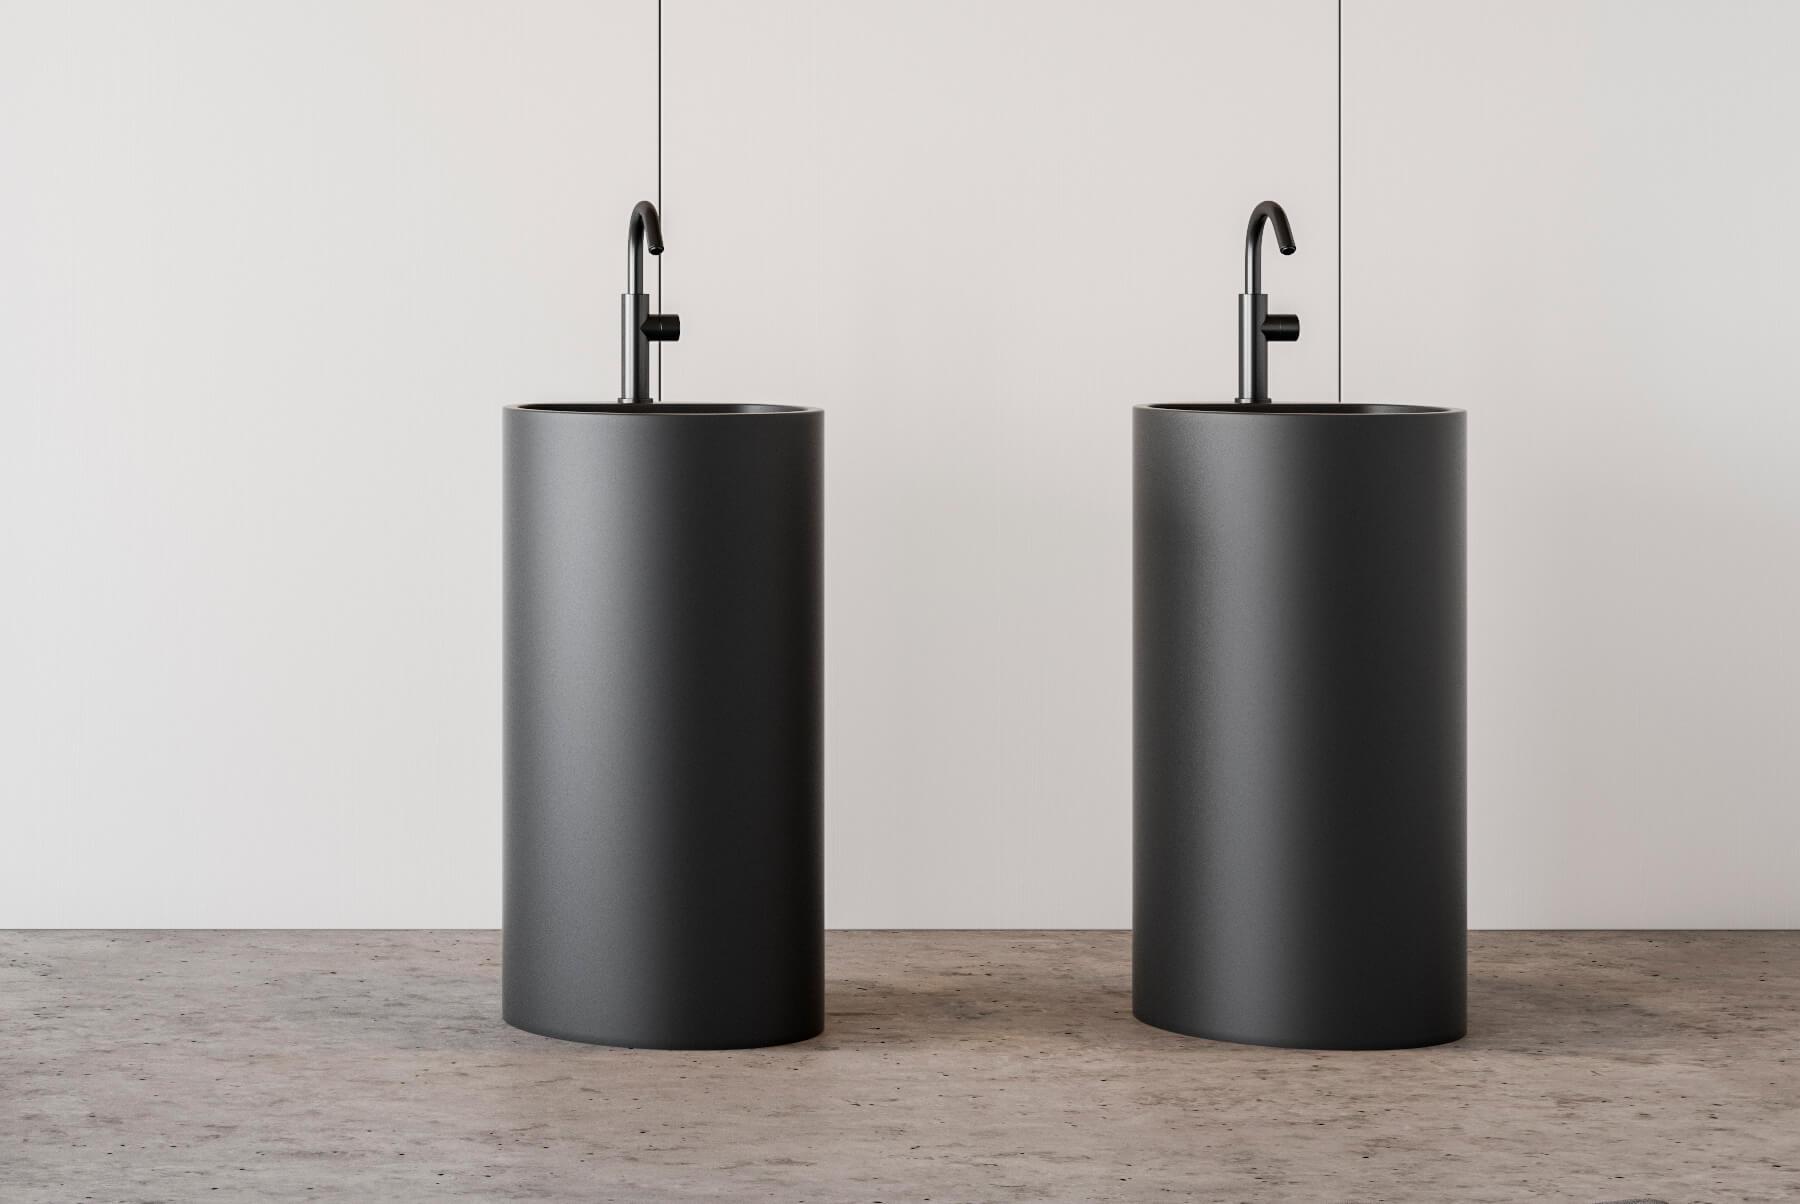 Handmade Concrete Basins